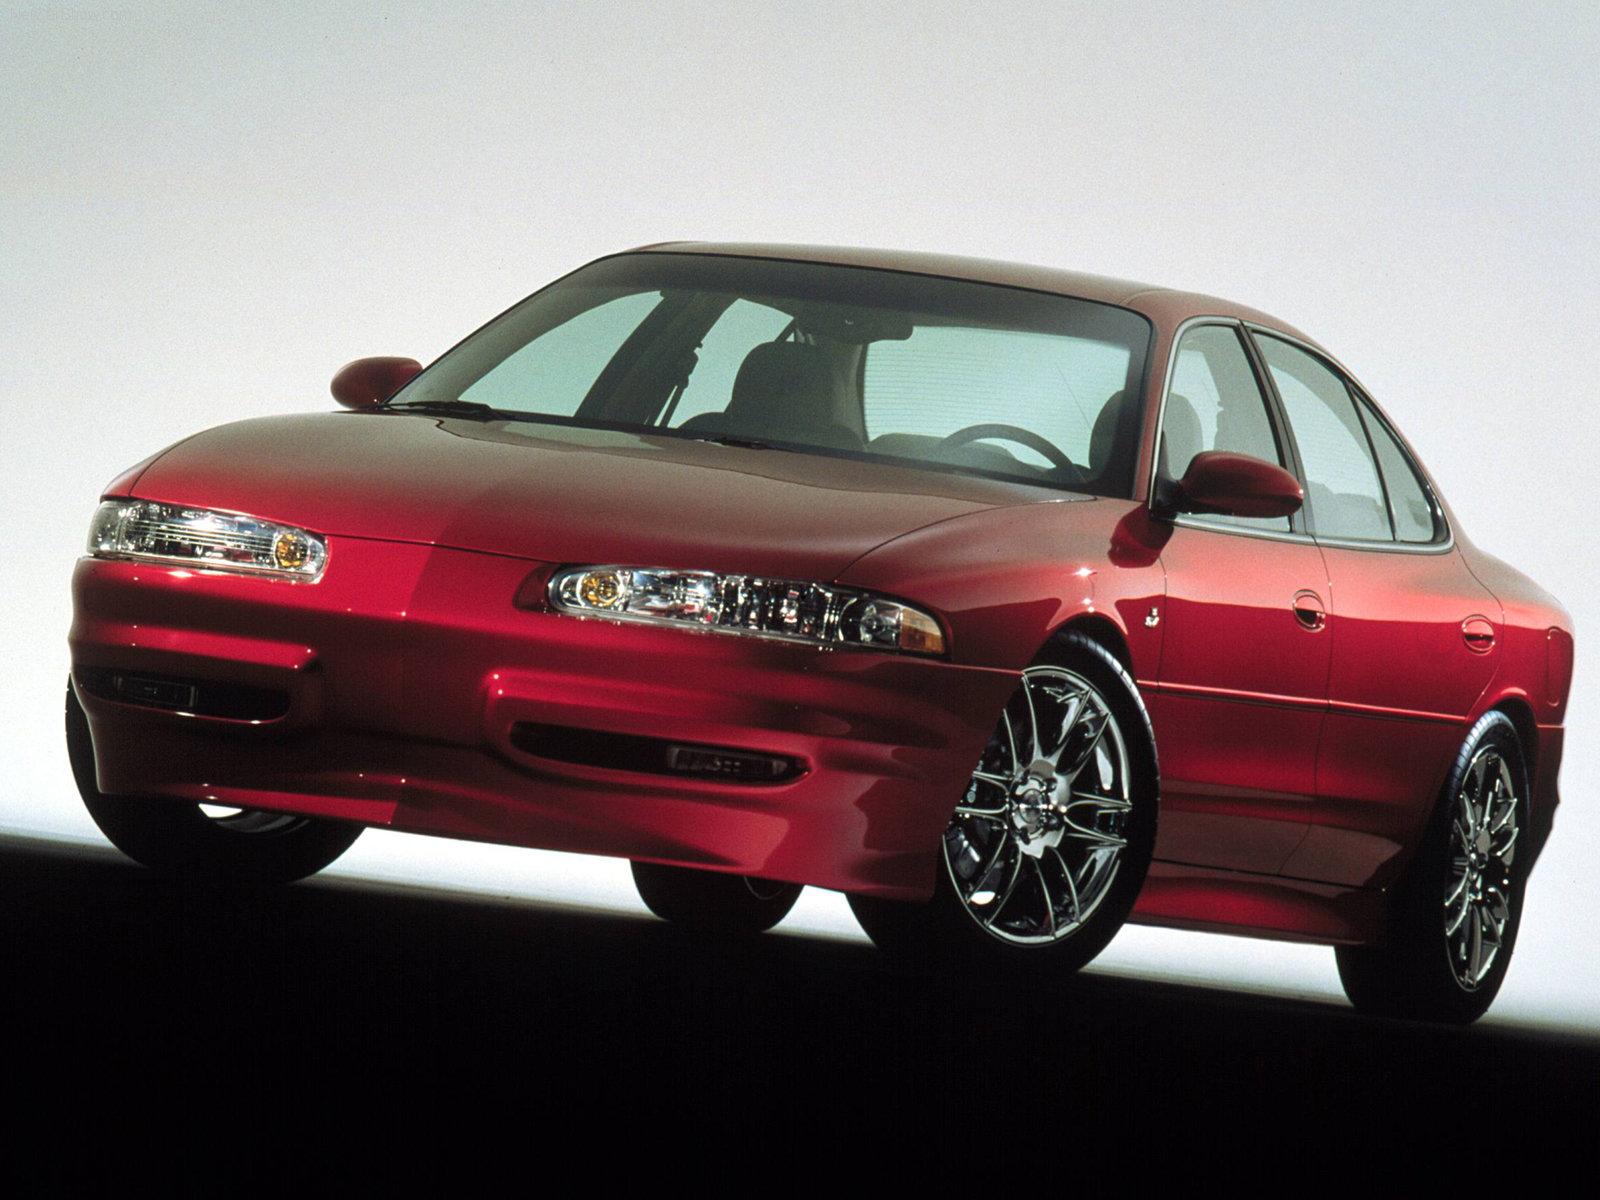 Hình ảnh xe ô tô Oldsmobile Intrigue OSV 2000 & nội ngoại thất